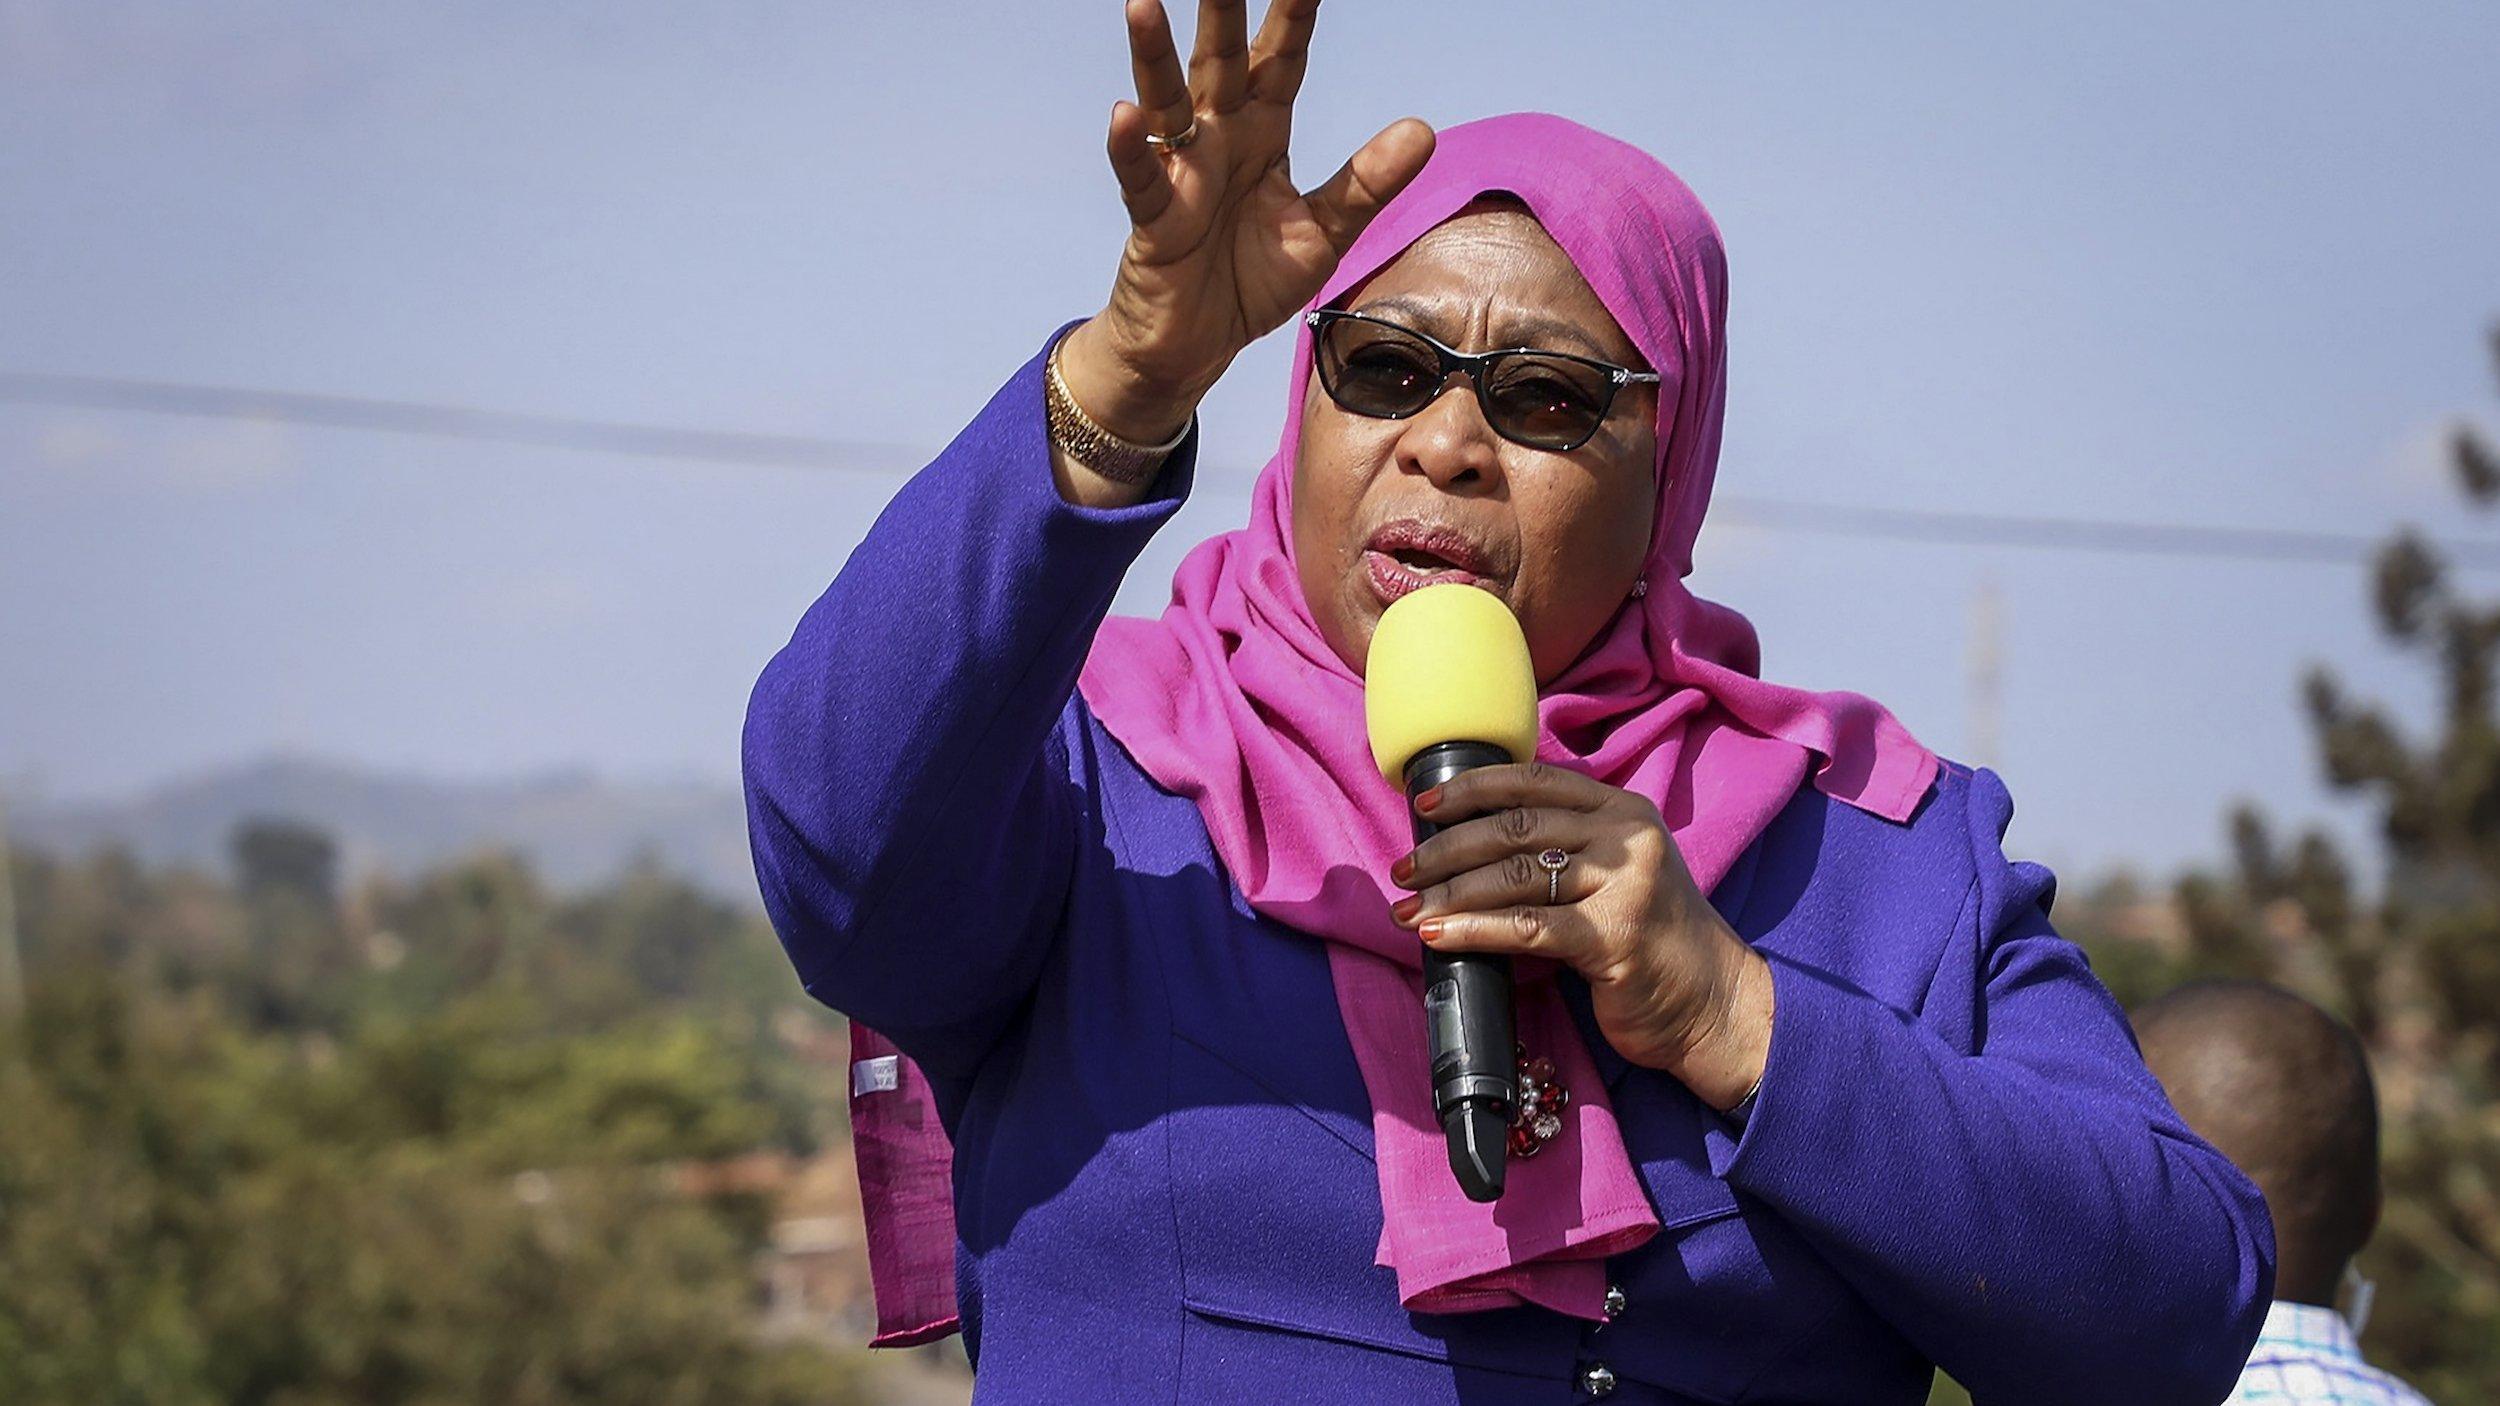 Samia Suluhu Hassan am Rednerpult, eine Hand streckt sie gen Himmel, mit der anderen hält sie das Mikrofon.